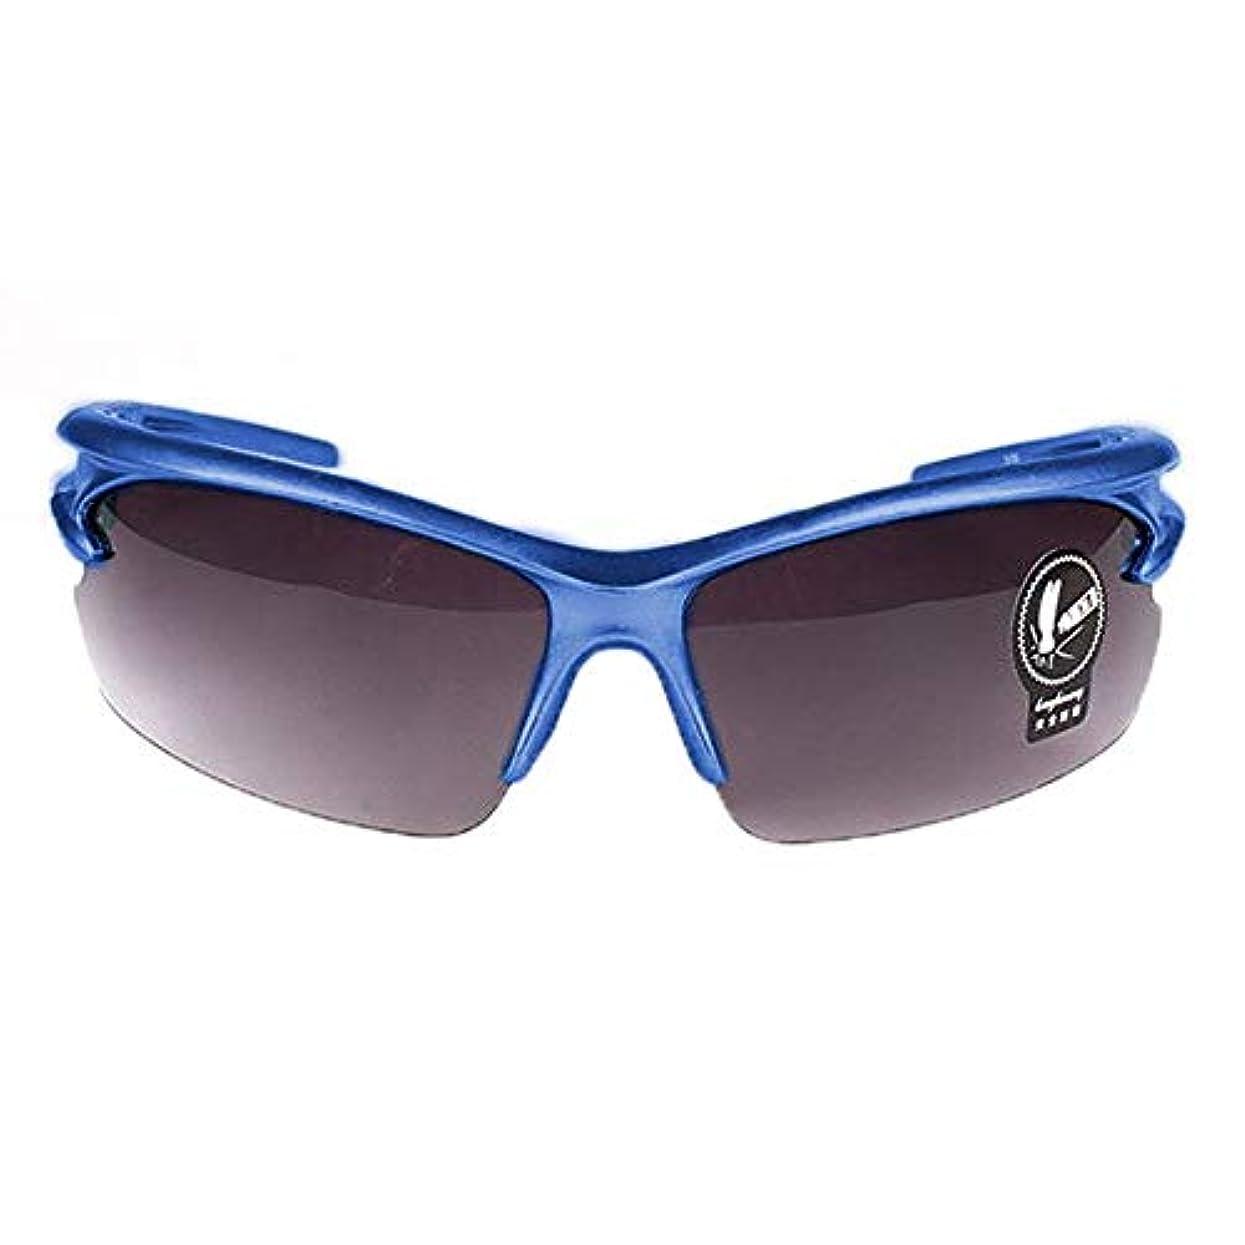 宇宙船通路とにかくxinzhi ナイトビジョンメガネ、UV保護メガネサングラススポーツメガネ乗馬メガネナイトドライビングメガネ - カラーレンズ